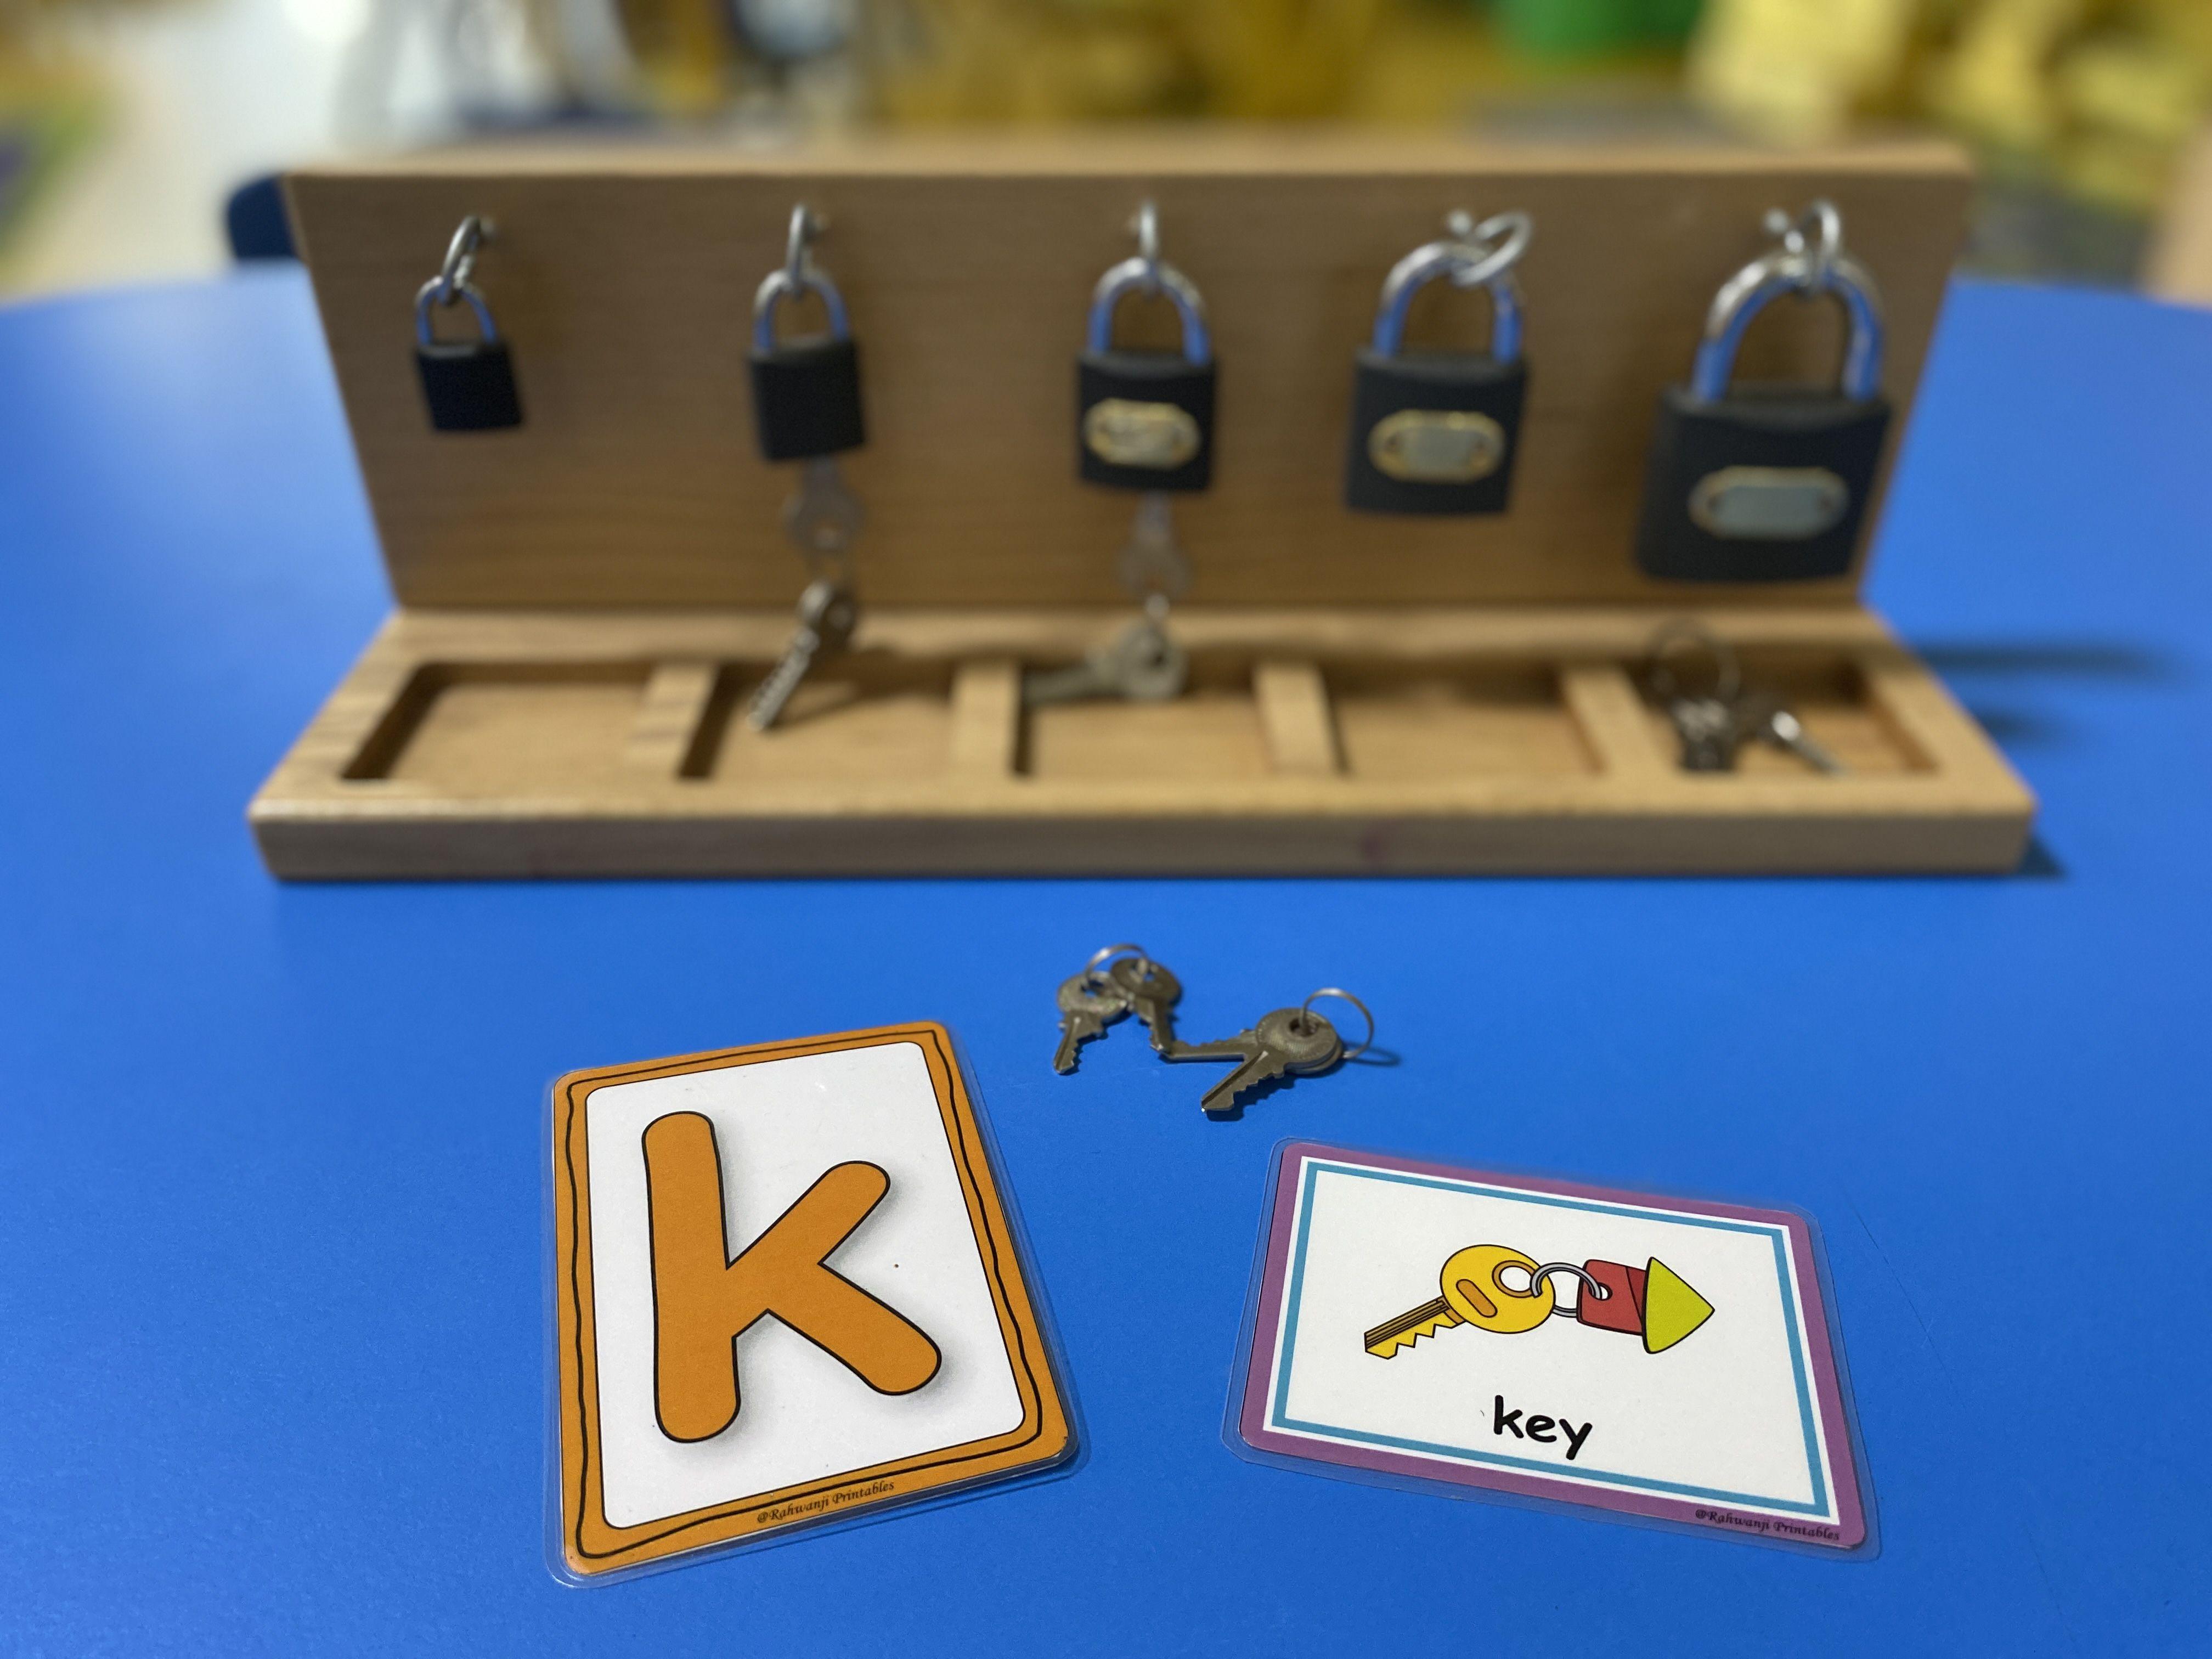 Keys Finger Gym Activity In